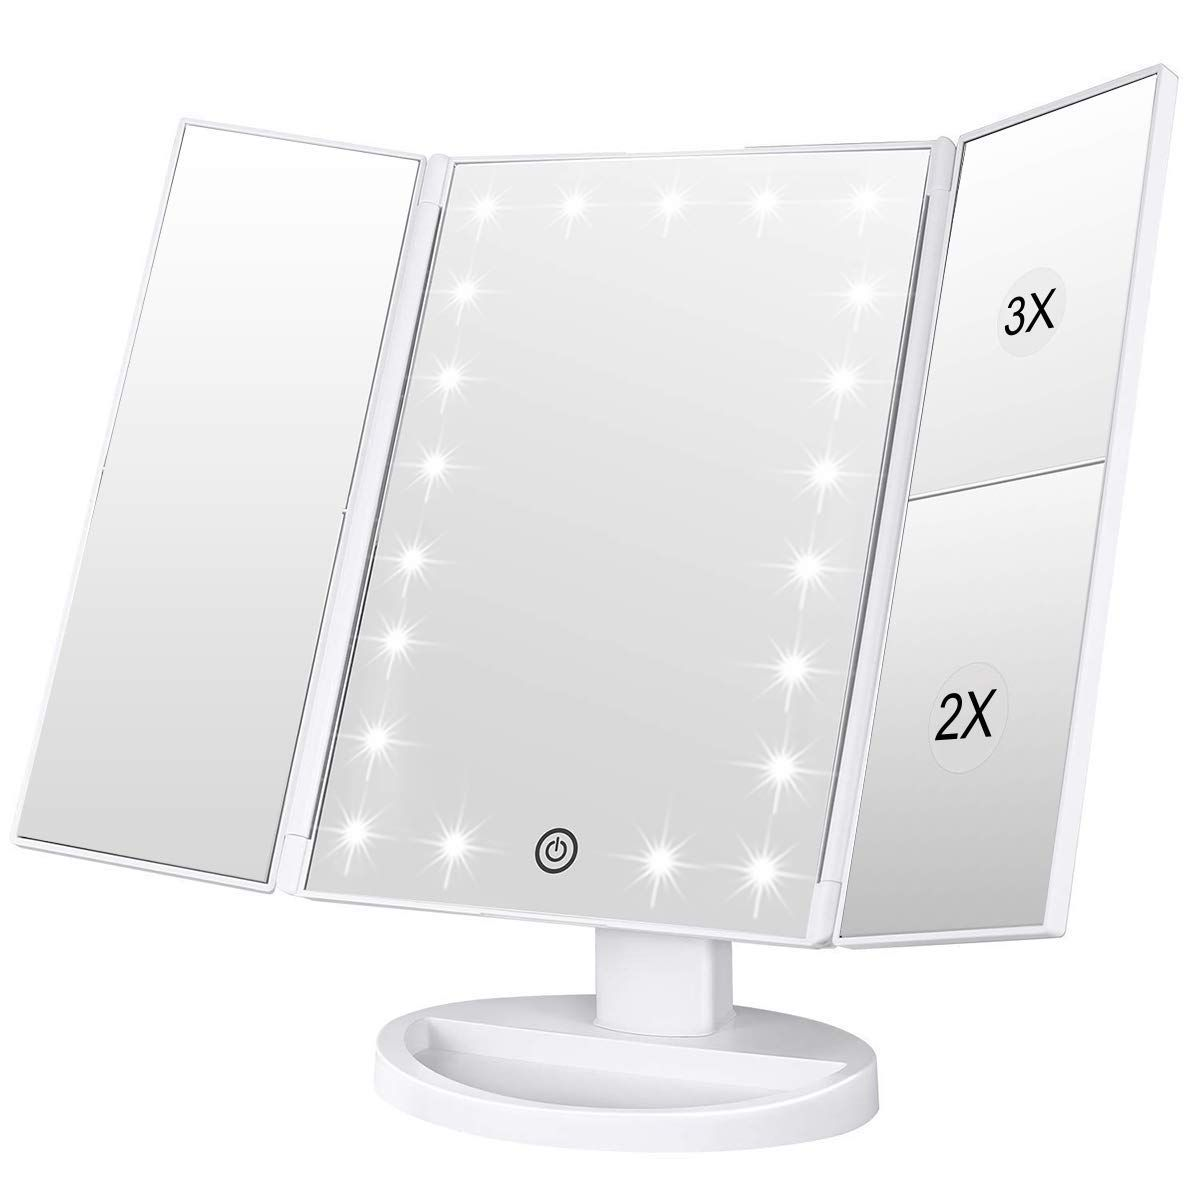 Weily 3 Seiten Kosmetikspiegel Mit 21 Led Beleuchtungen 1x 2x 3x Vergrosserung Touch S In 2020 Schminkspiegel Mit Beleuchtung Schminkspiegel Spiegel Mit Beleuchtung